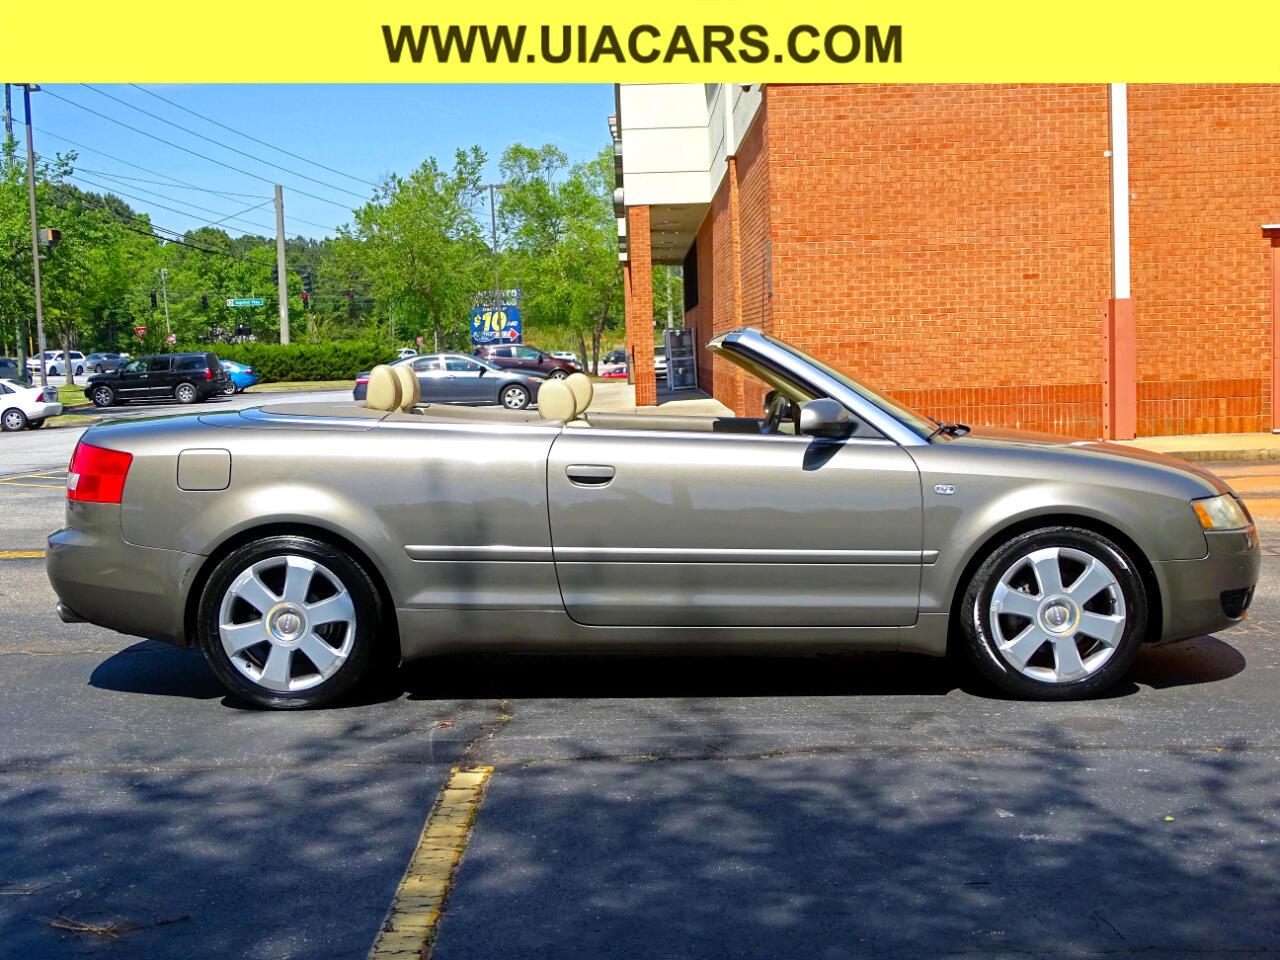 2006 Audi A4 2dr Cabriolet 1.8T CVT